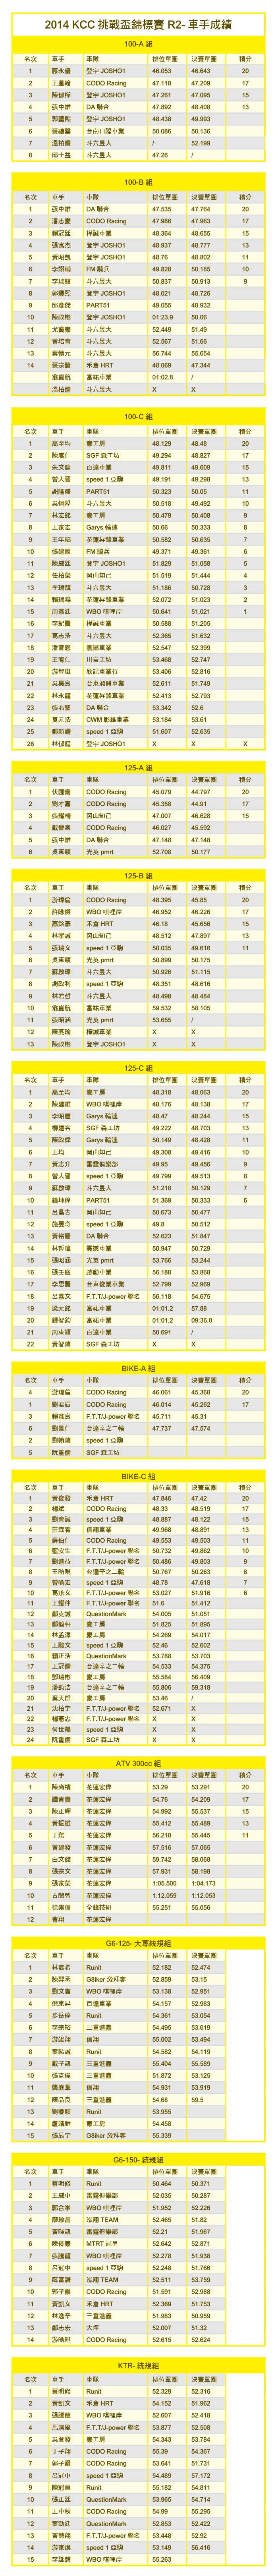 2014KCC-R2成績